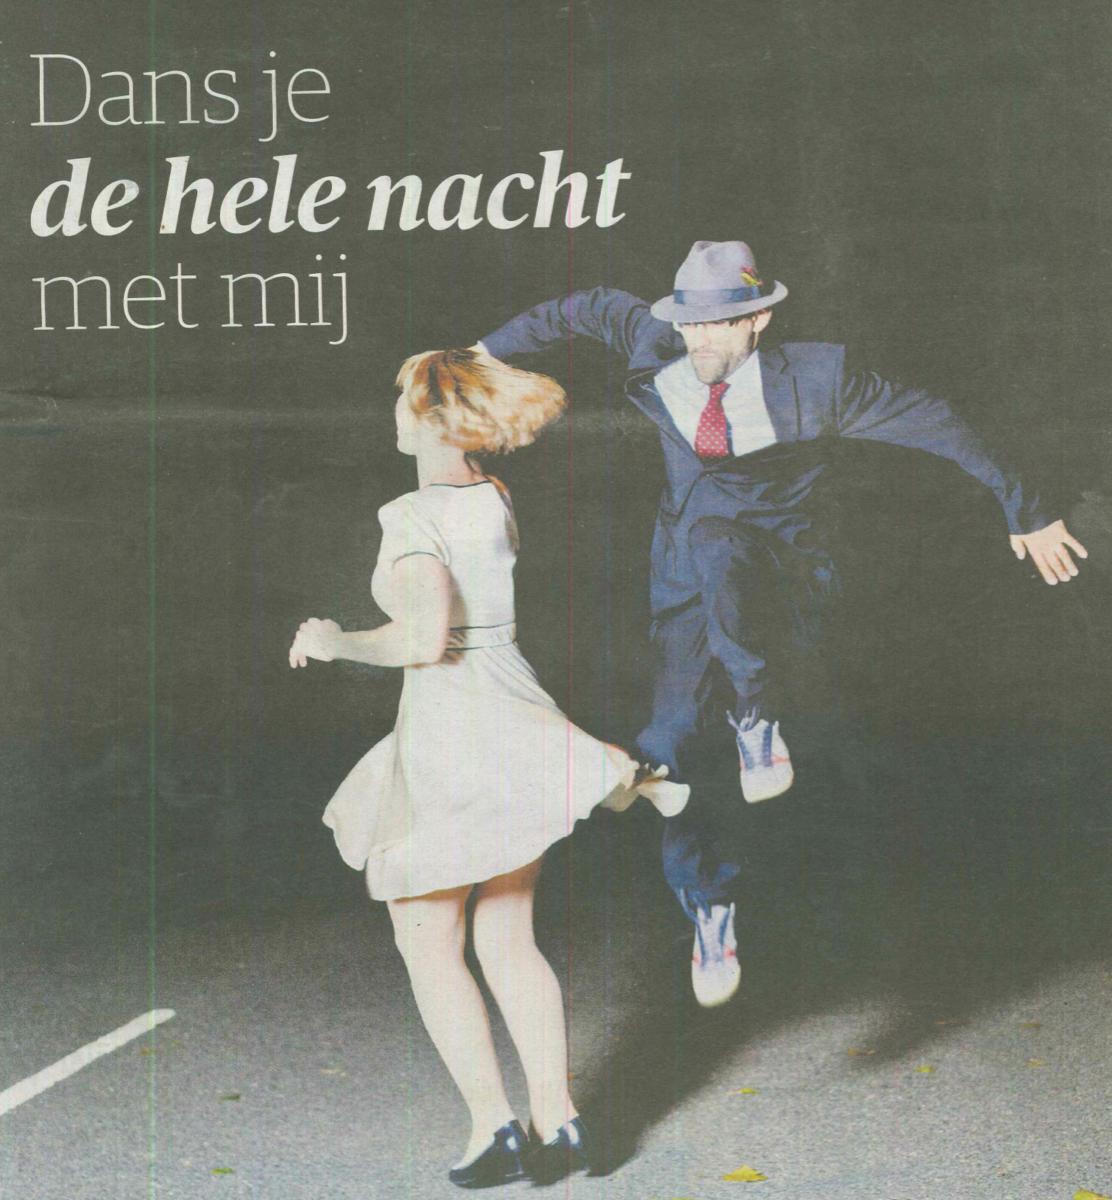 NRCLUX_Dans